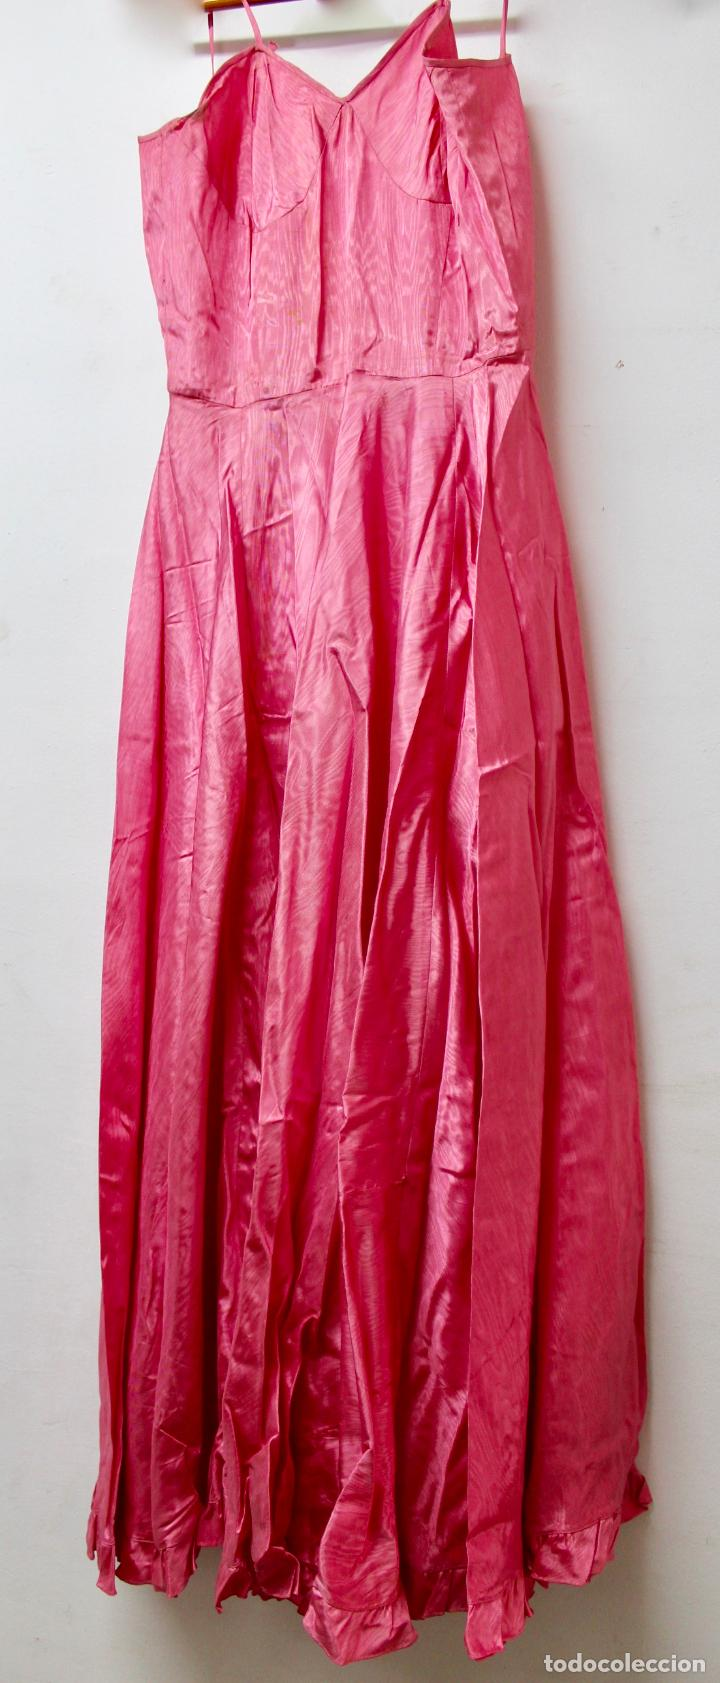 ve-148. vestido de fiesta en tela de raso de co - Comprar Moda ...